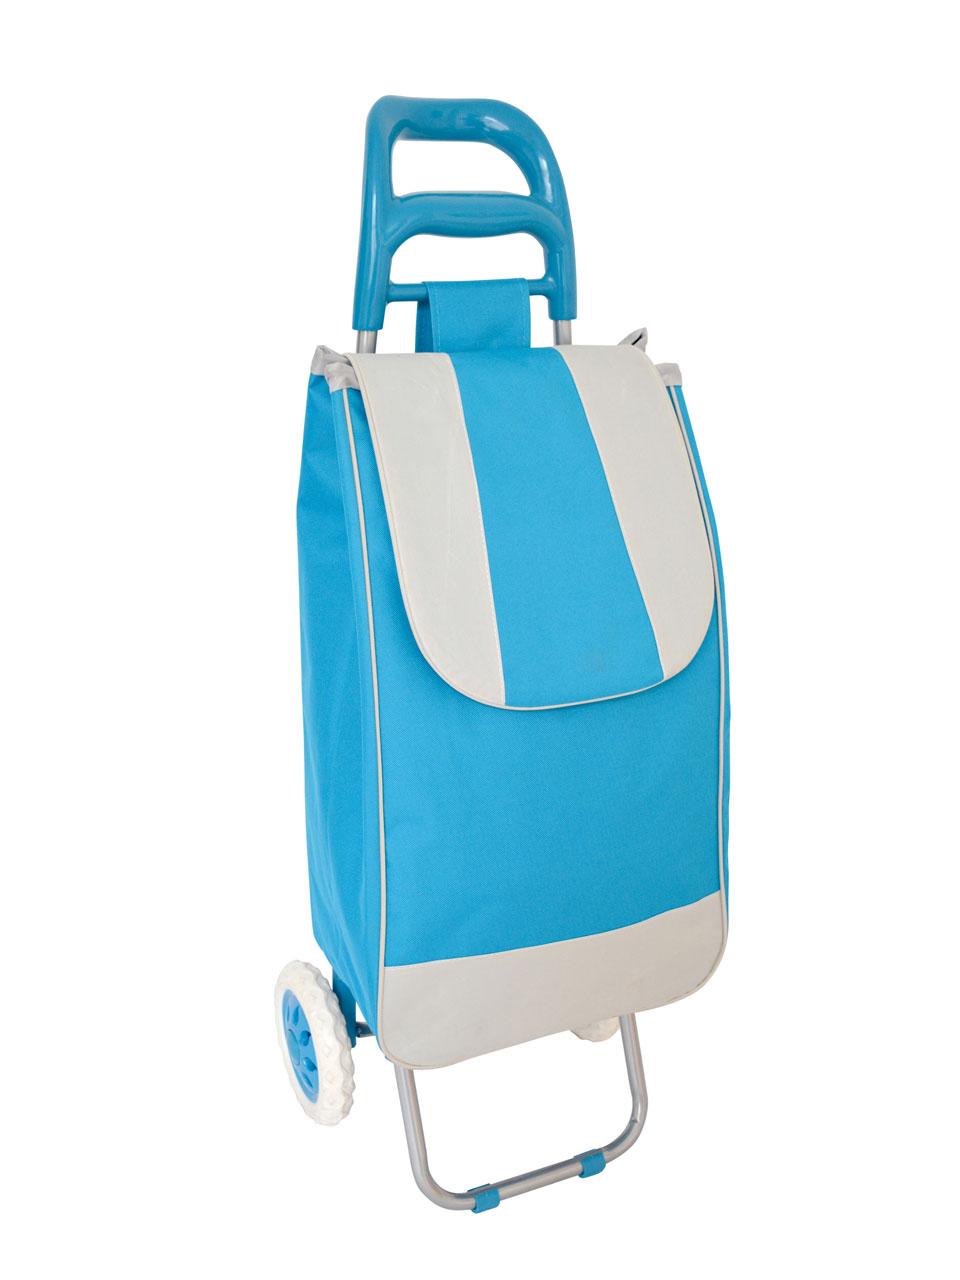 Легкие хозяйственные сумки на колесиках чемоданы редмонд интернет магазин